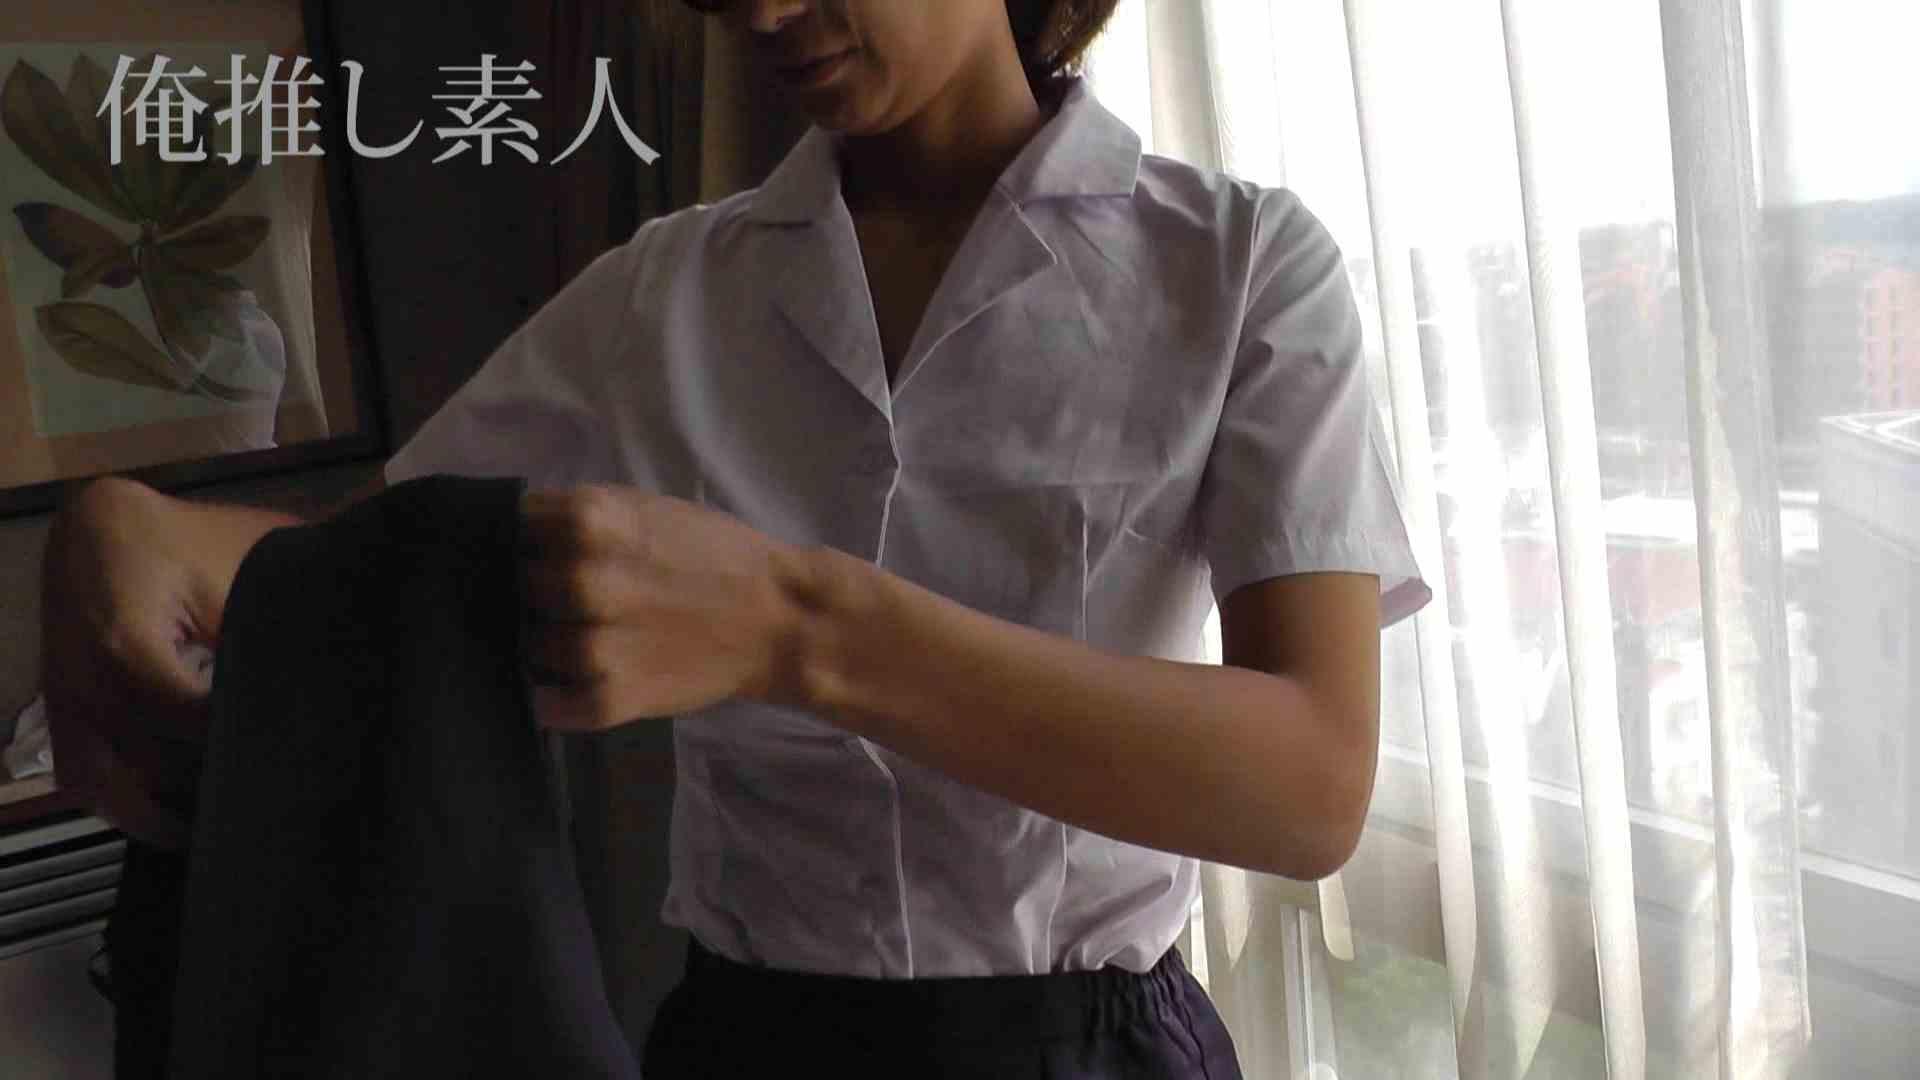 俺推し素人 30代人妻熟女キャバ嬢雫 コスプレ  27連発 6